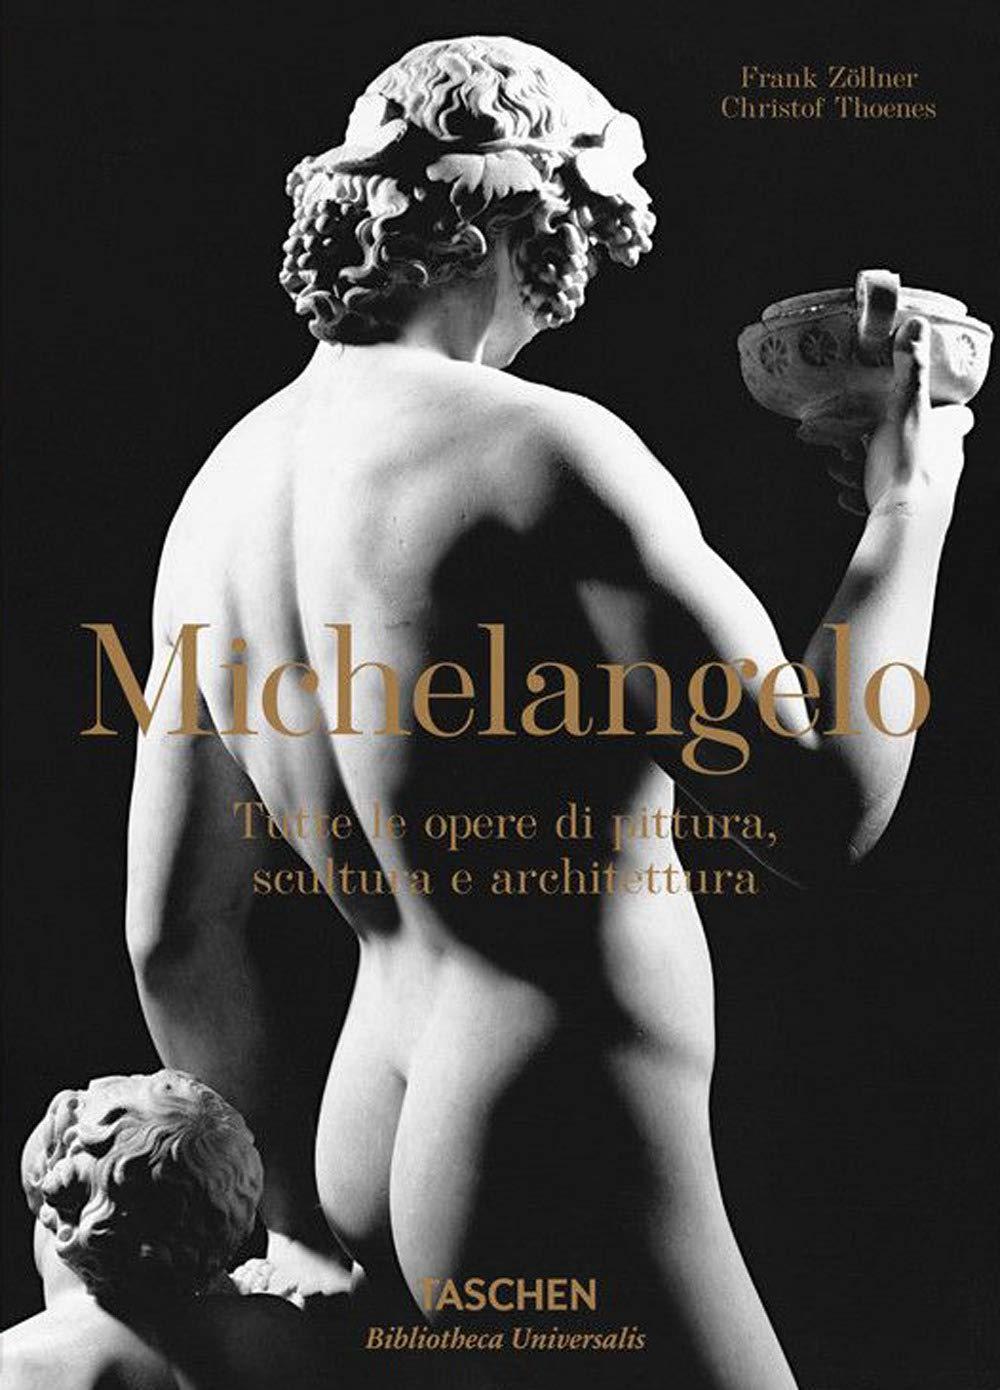 Michelangelo. Tutte le opere di pittura, scultura e architettura